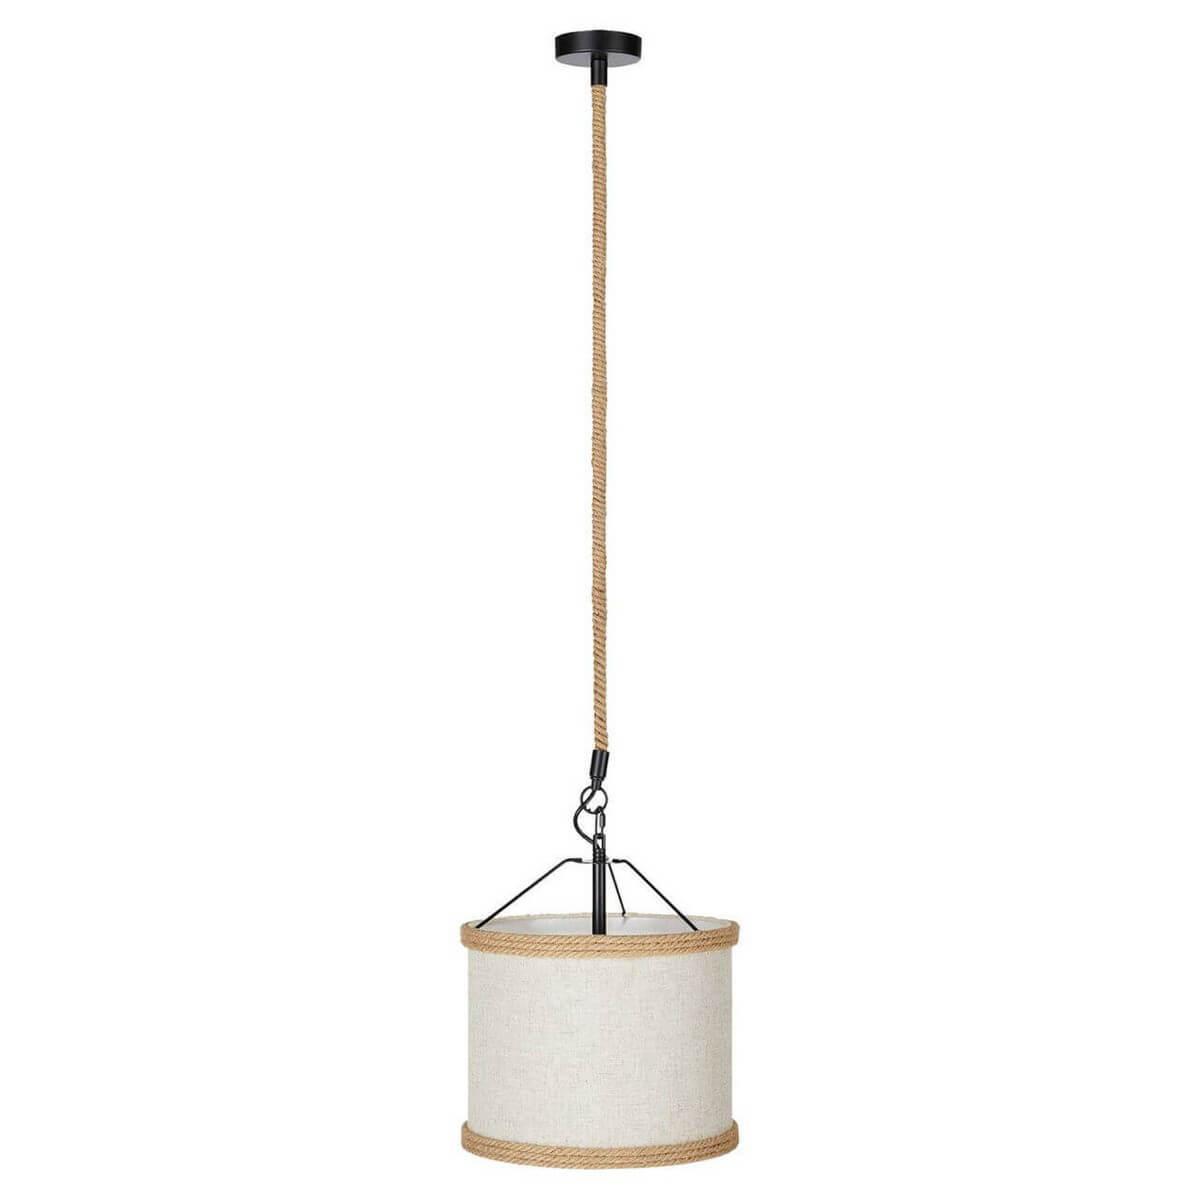 Подвесной светильник Lussole GRLSP-8051, E27, 11 Вт подвесной светильник lussole grlsp 9945 белый